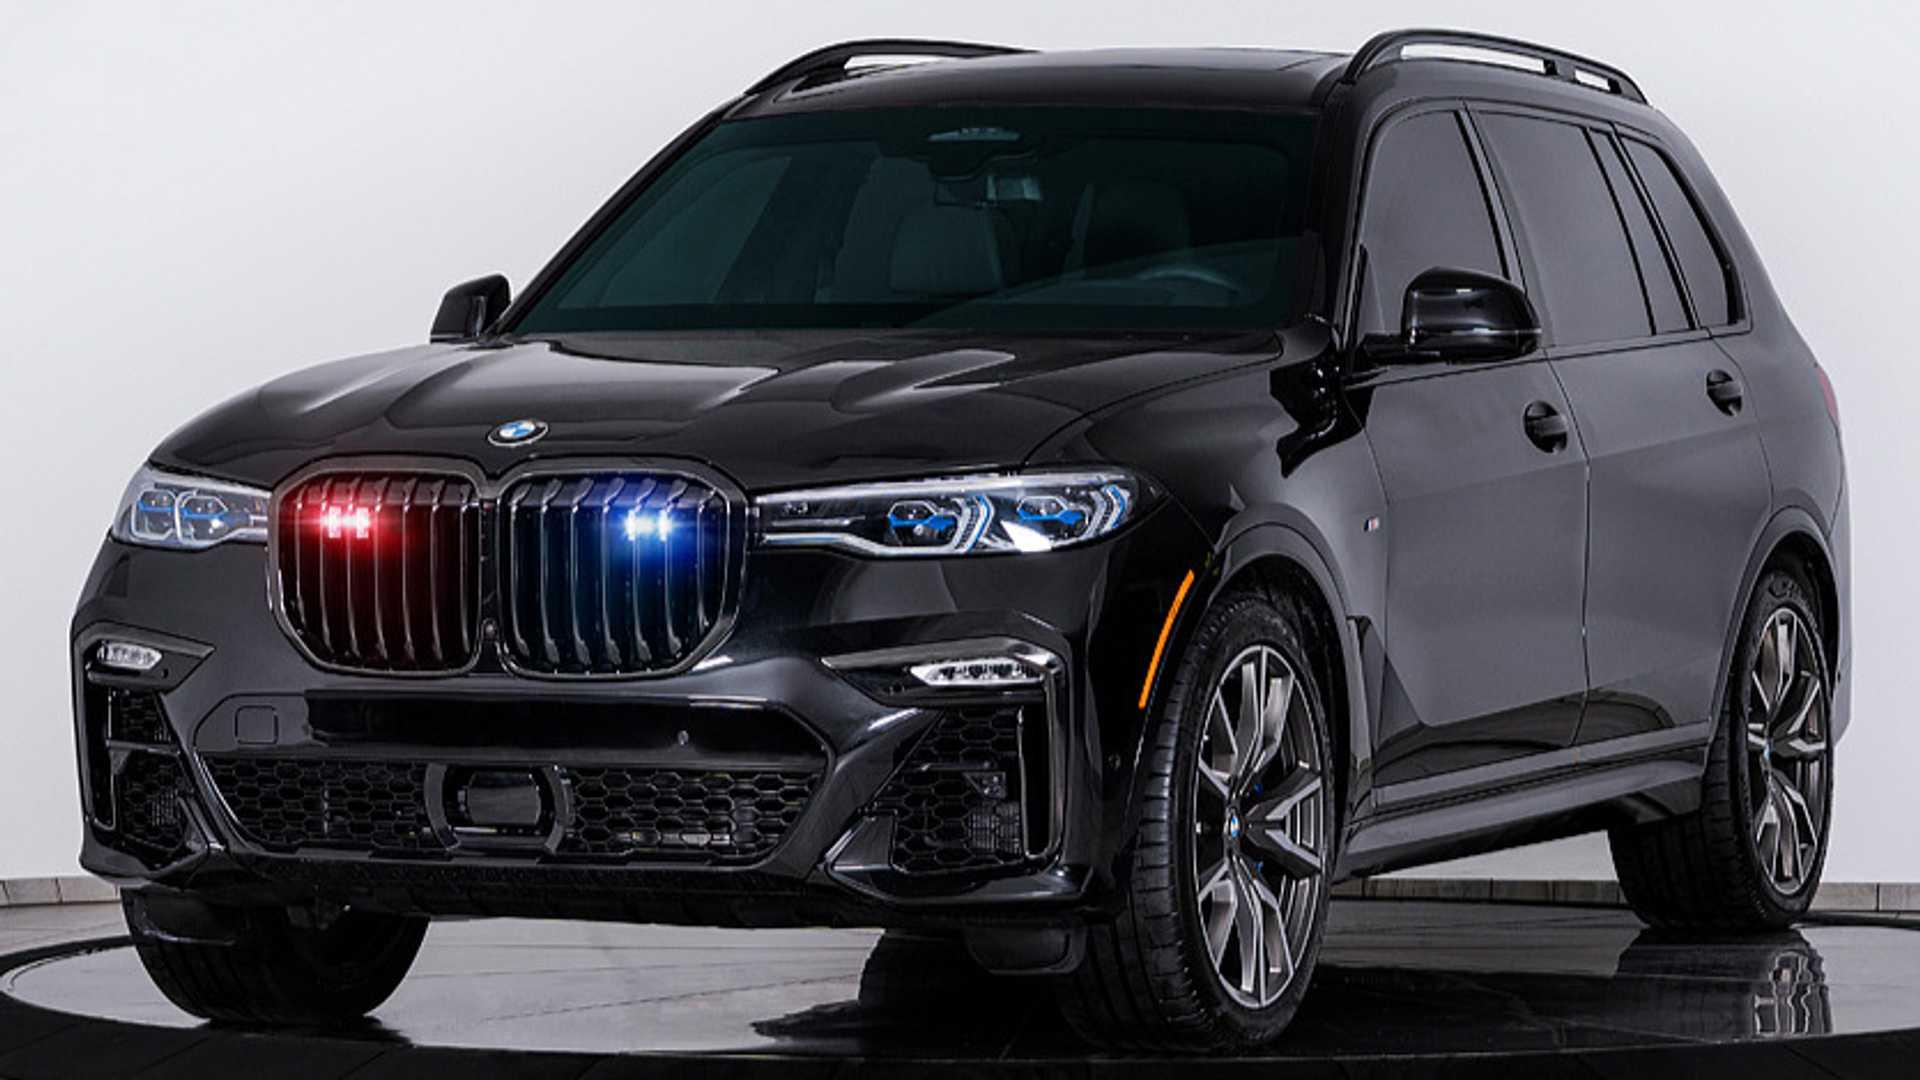 Αυτή η BMW X7 είναι το απόλυτο θωρακισμένο όχημα! [vid]